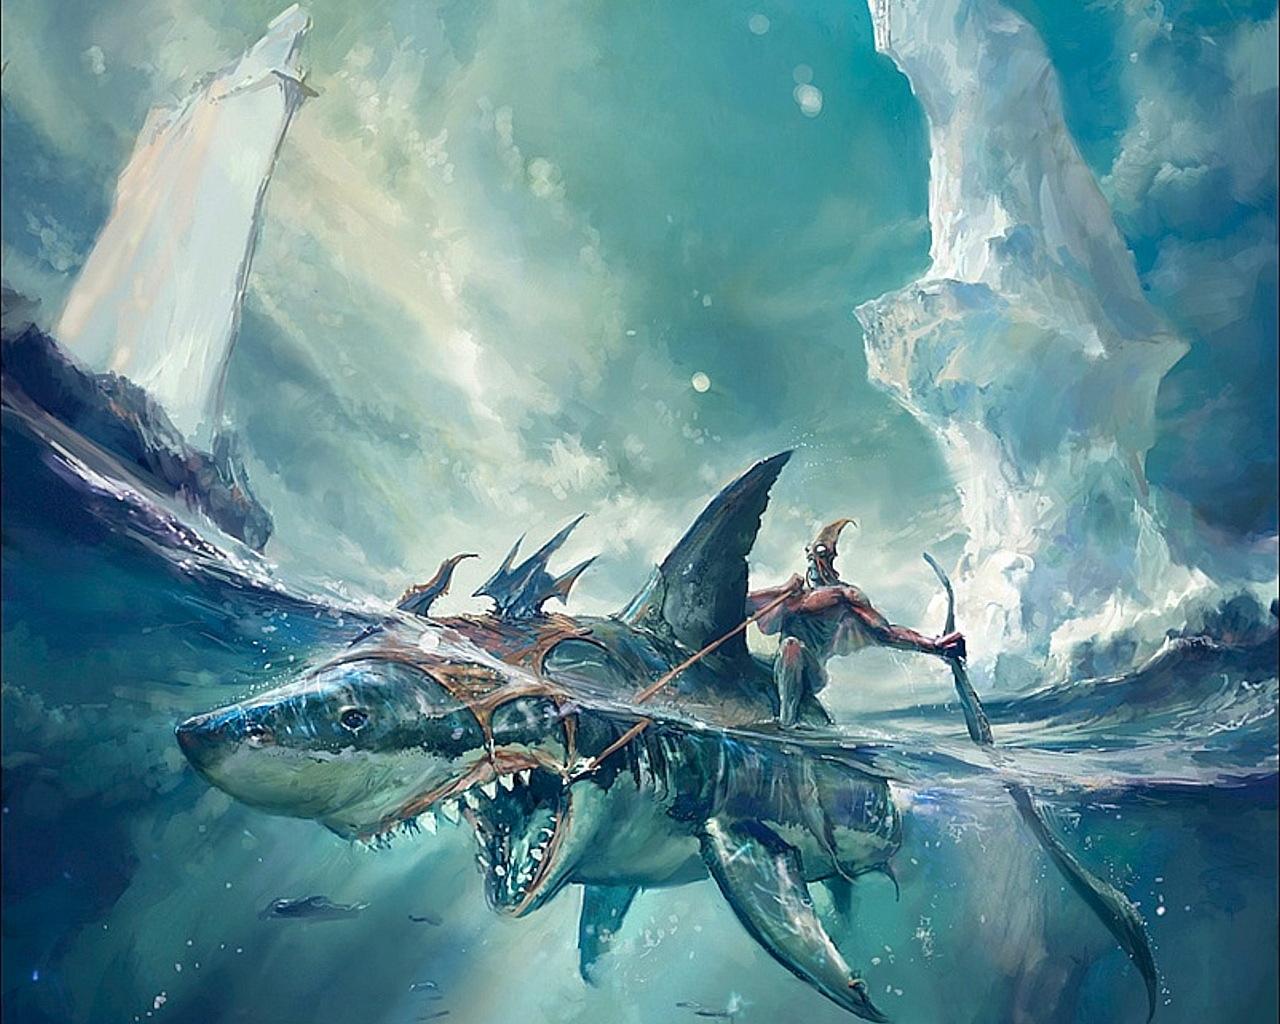 http://3.bp.blogspot.com/-_gCKQdBwA40/UV_Led3J9QI/AAAAAAAAqLk/qm4fmI2xbkY/s1600/Fantasy+wallpaper+(22).jpg